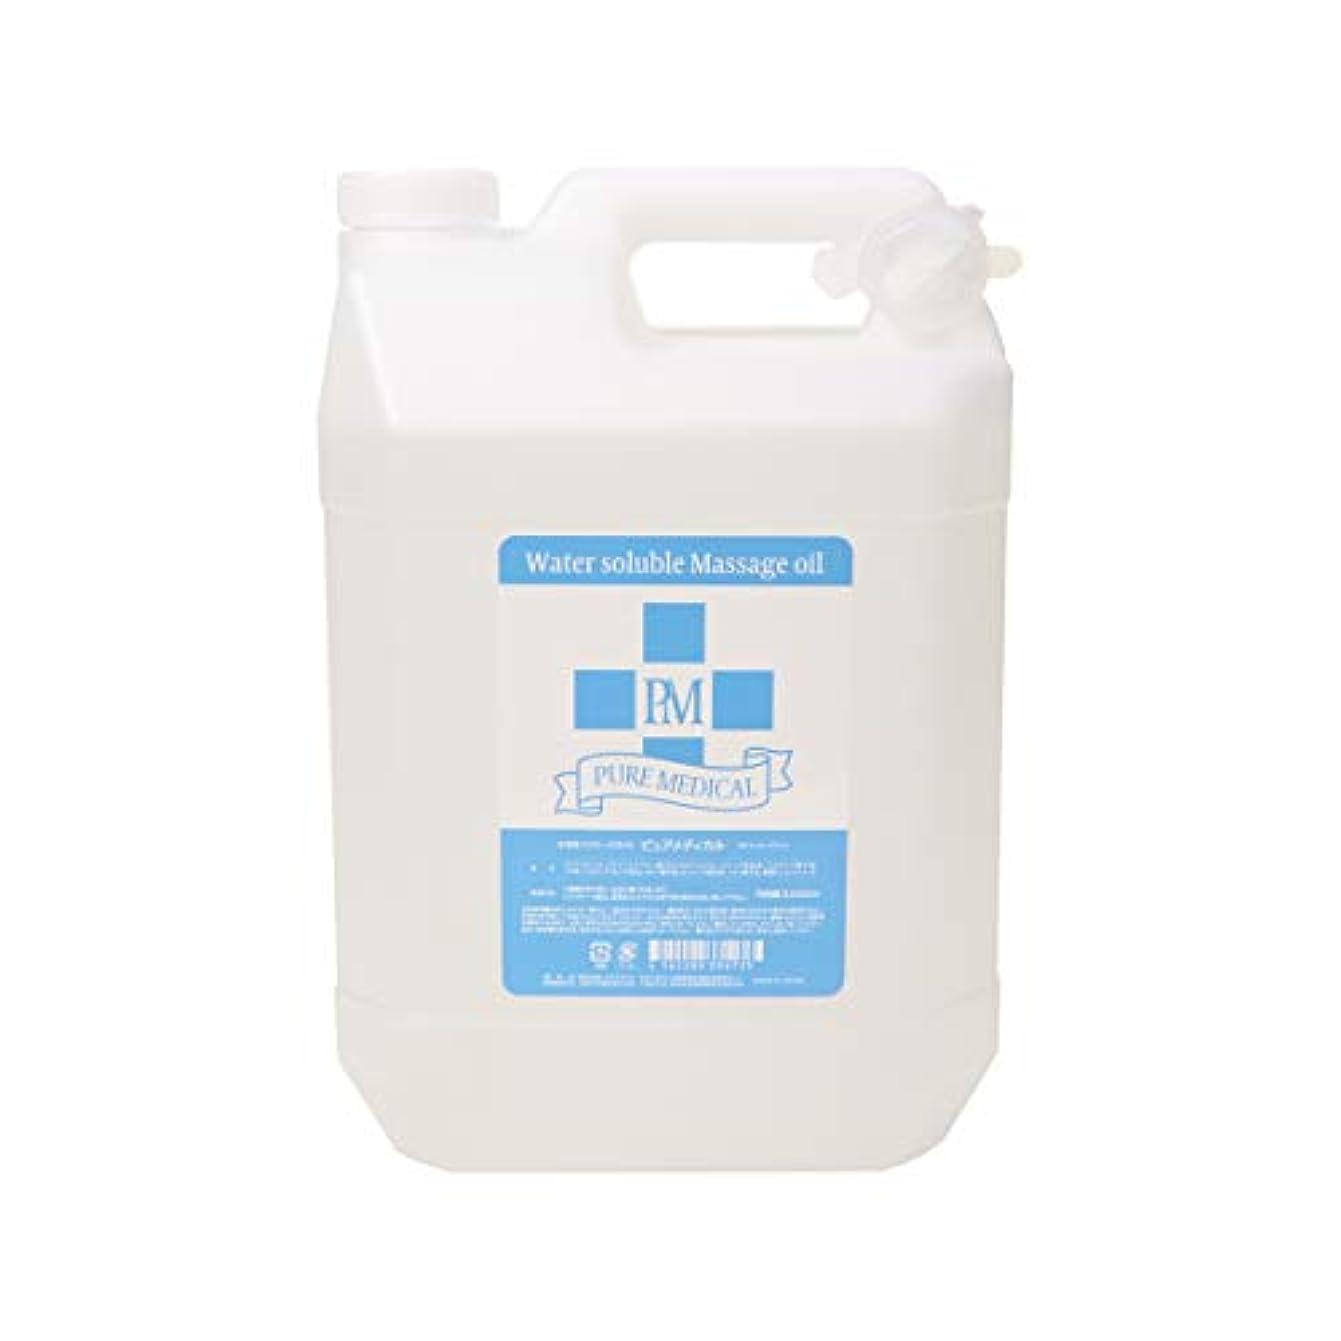 クライアント不幸矛盾するPURE MEDICAL(ピュアメディカル) 水溶性マッサージオイル 5L マッサージオイル ボディオイル PM 無香料 日本製 業務用 ボディ用